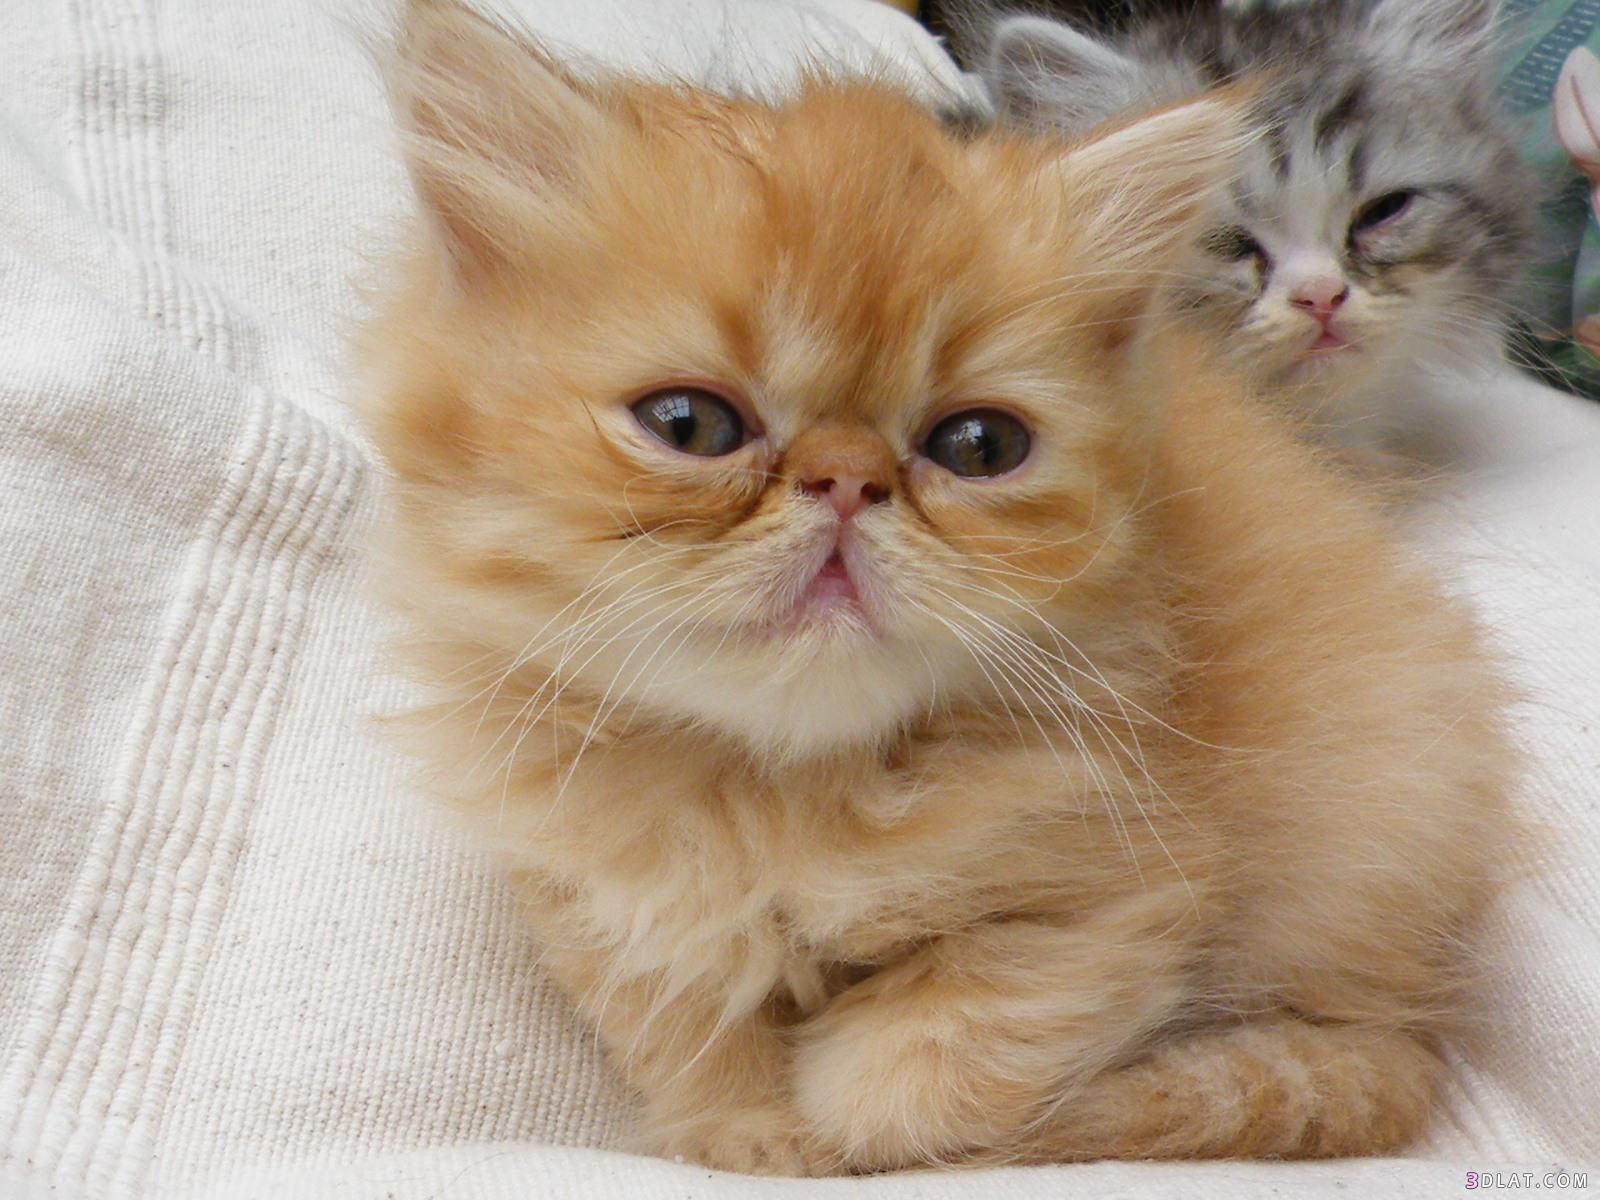 أروع صور قطط مضحكة مشاكسة حزينة حنونة Cute Animals Cats Animals